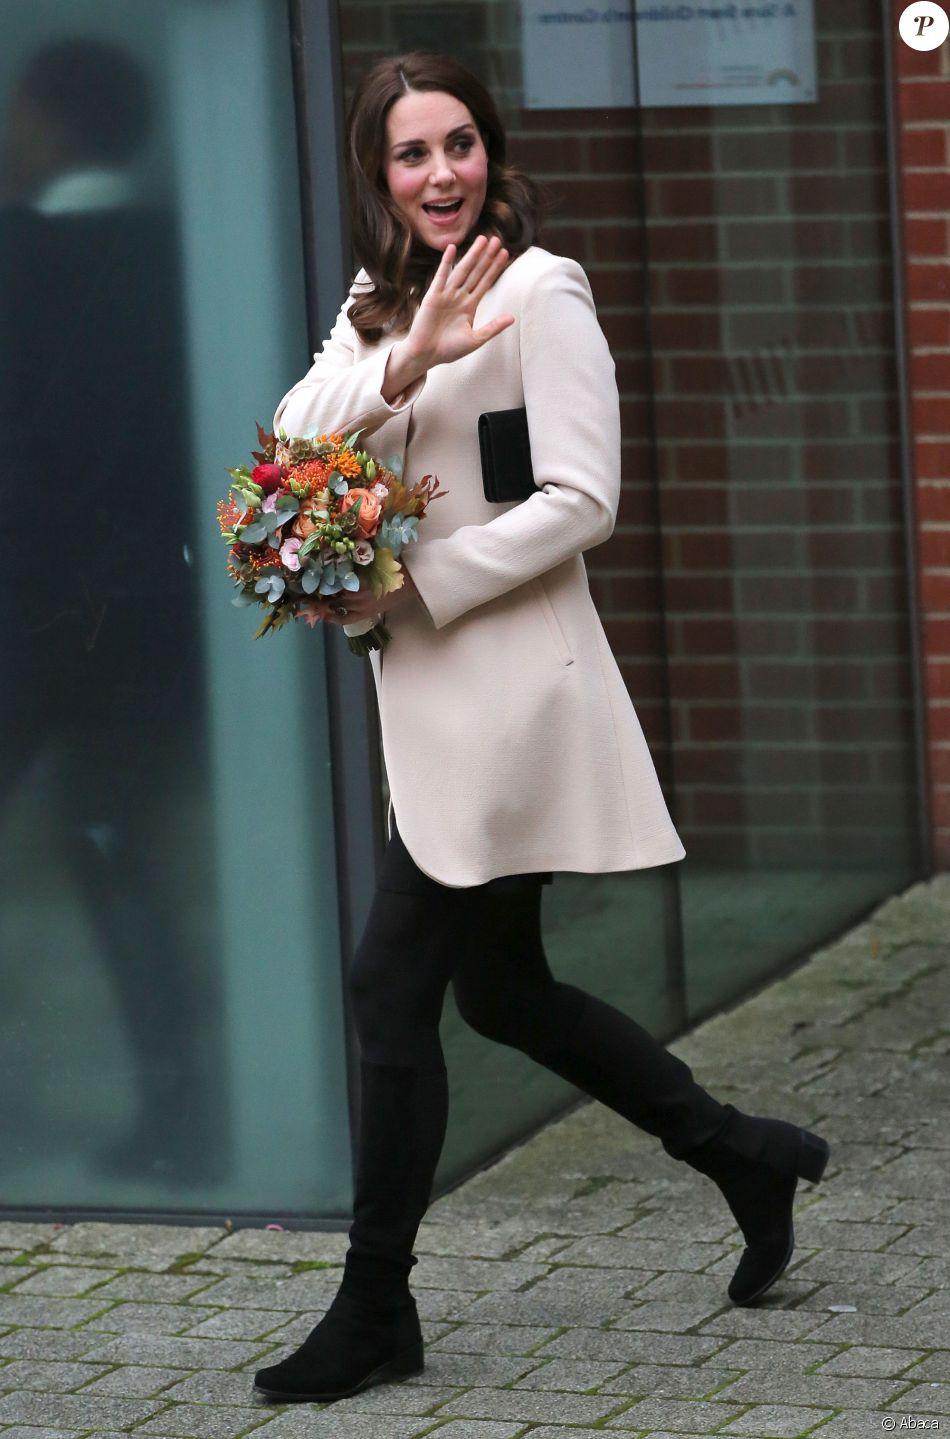 La duchesse Catherine de Cambridge, enceinte, arrive au Hornset Road Children Centre à Londres le 14 novembre 2017. Une visite reprogrammée après son annulation de dernière minute début septembre en raison des violents symptômes d'hyperémèse gravidique de sa troisième grossesse.